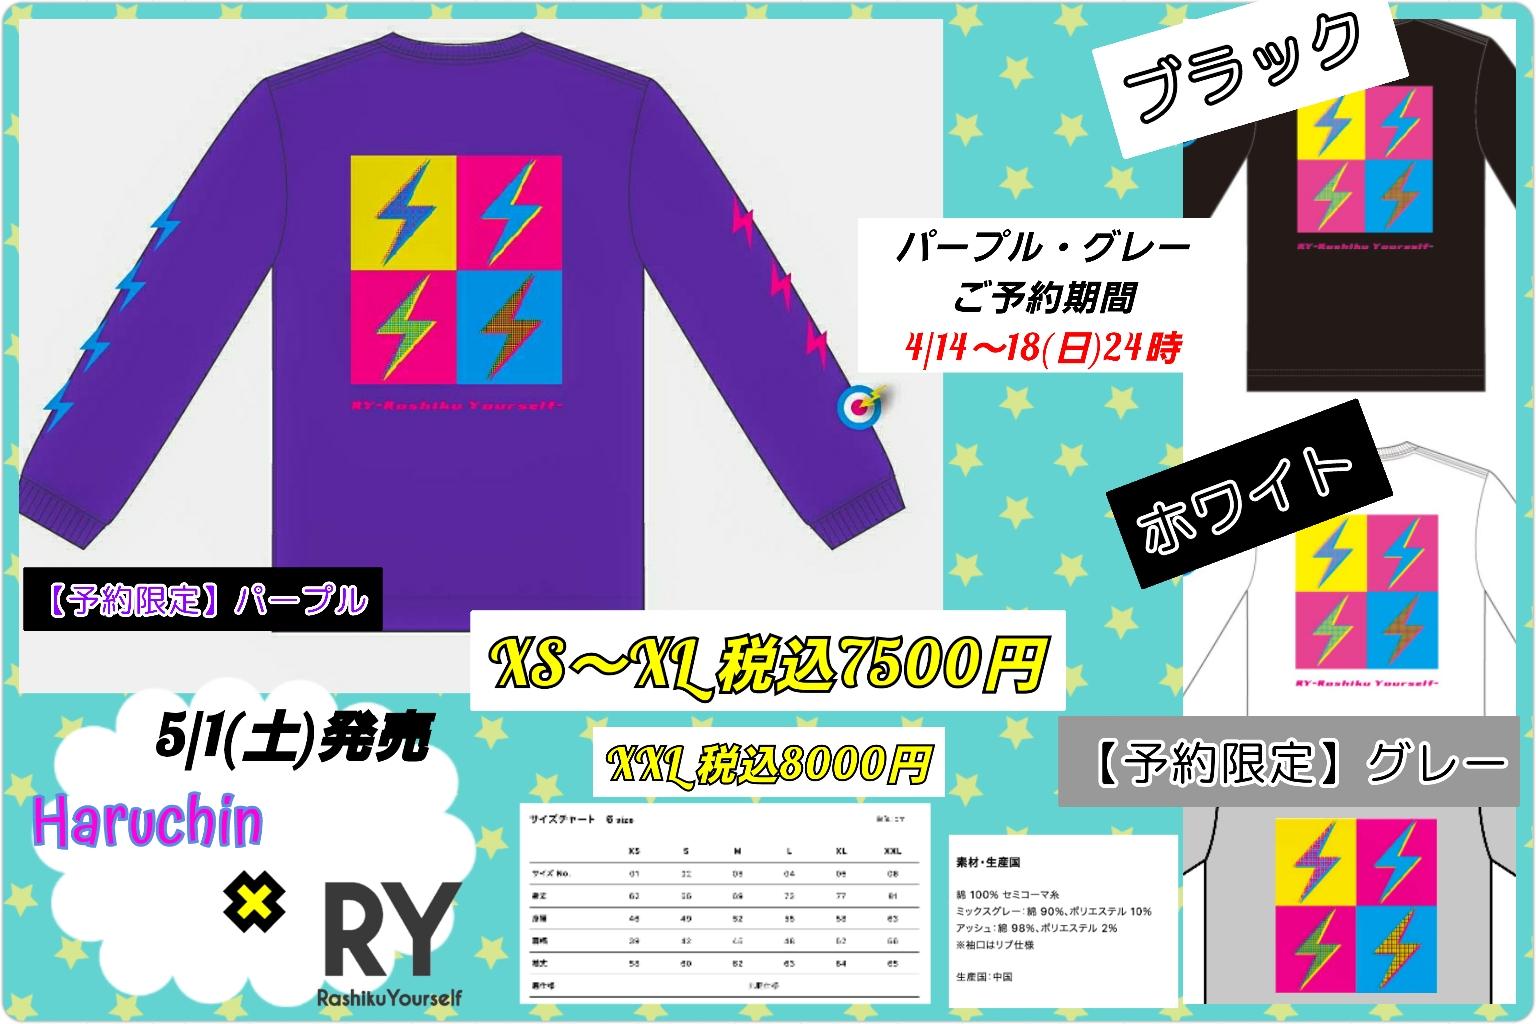 RY -RashiYour-(ラシユア) [アパレル] Haruchin×RY(ハルチン×ラシユア) ロンT